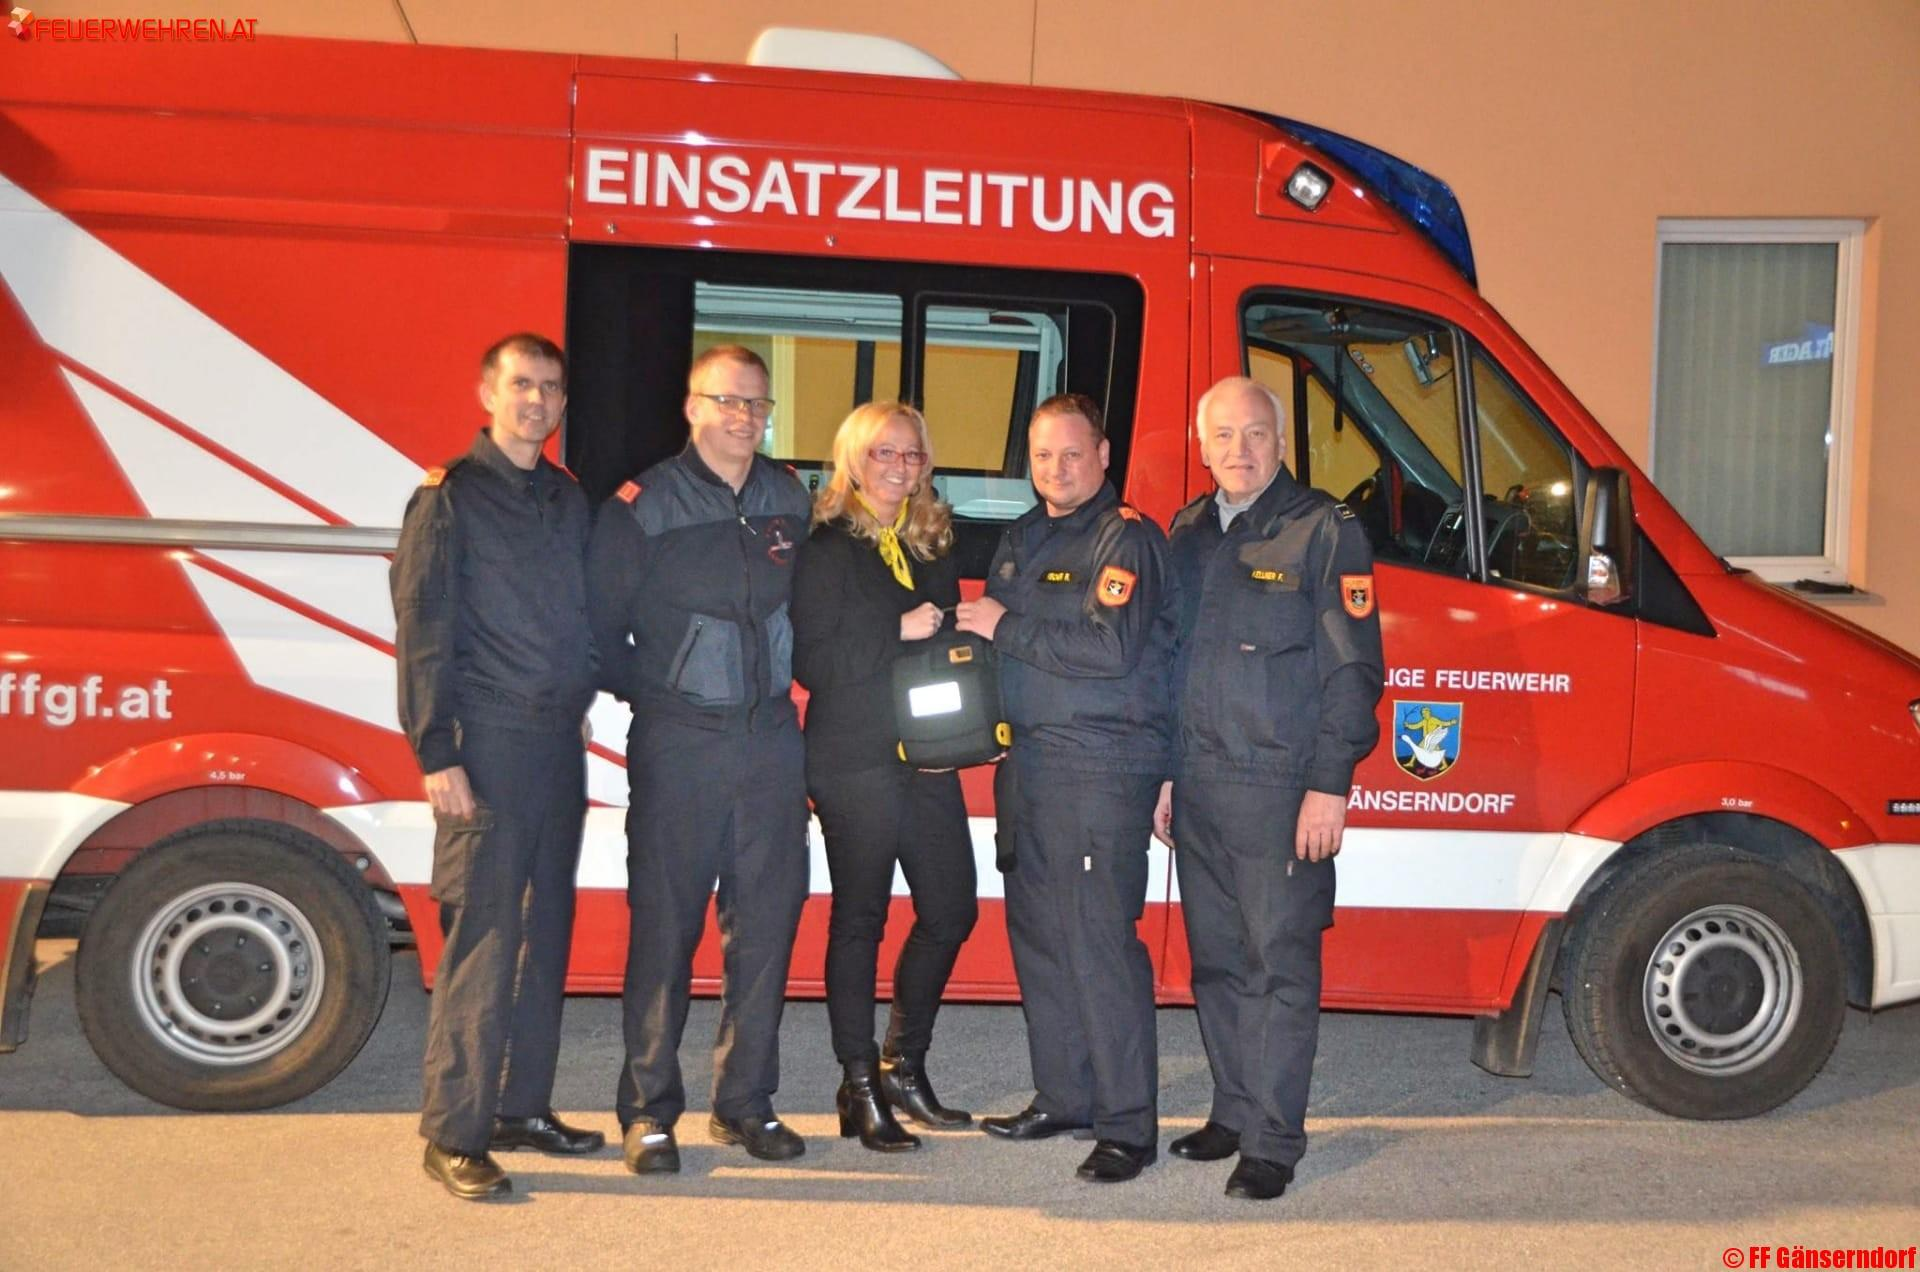 FF Gänserndorf